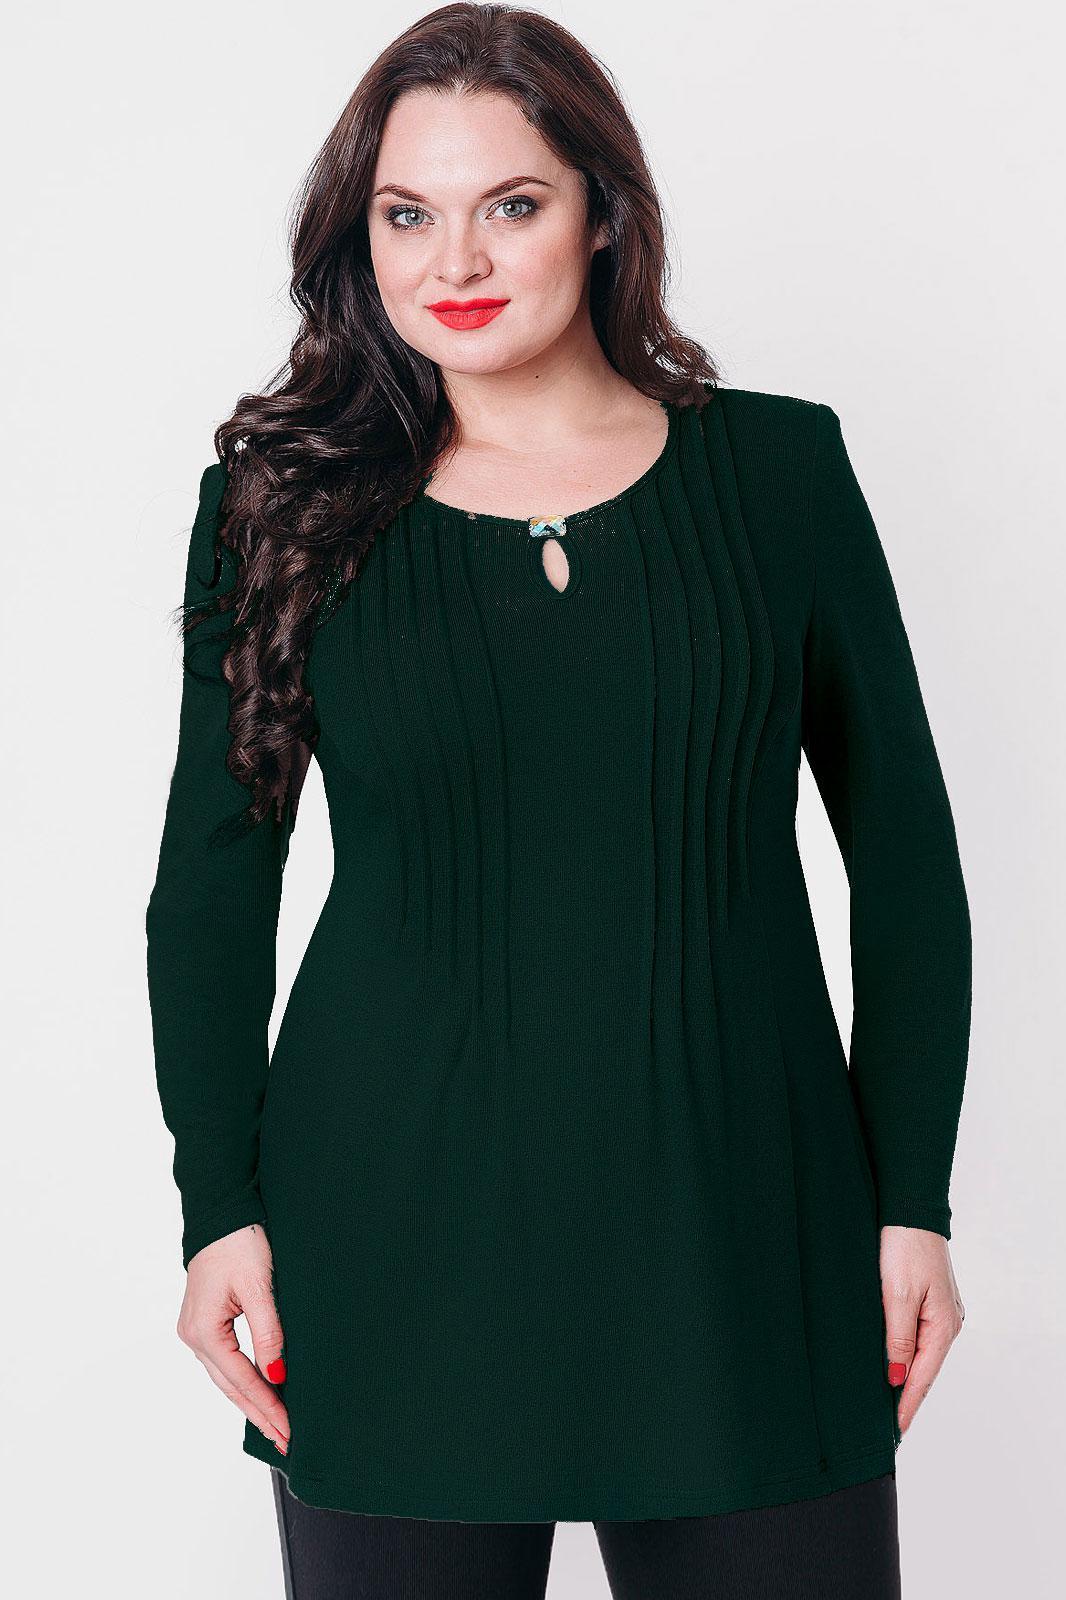 Купить Блузка Дали, 448 зеленый, Беларусь